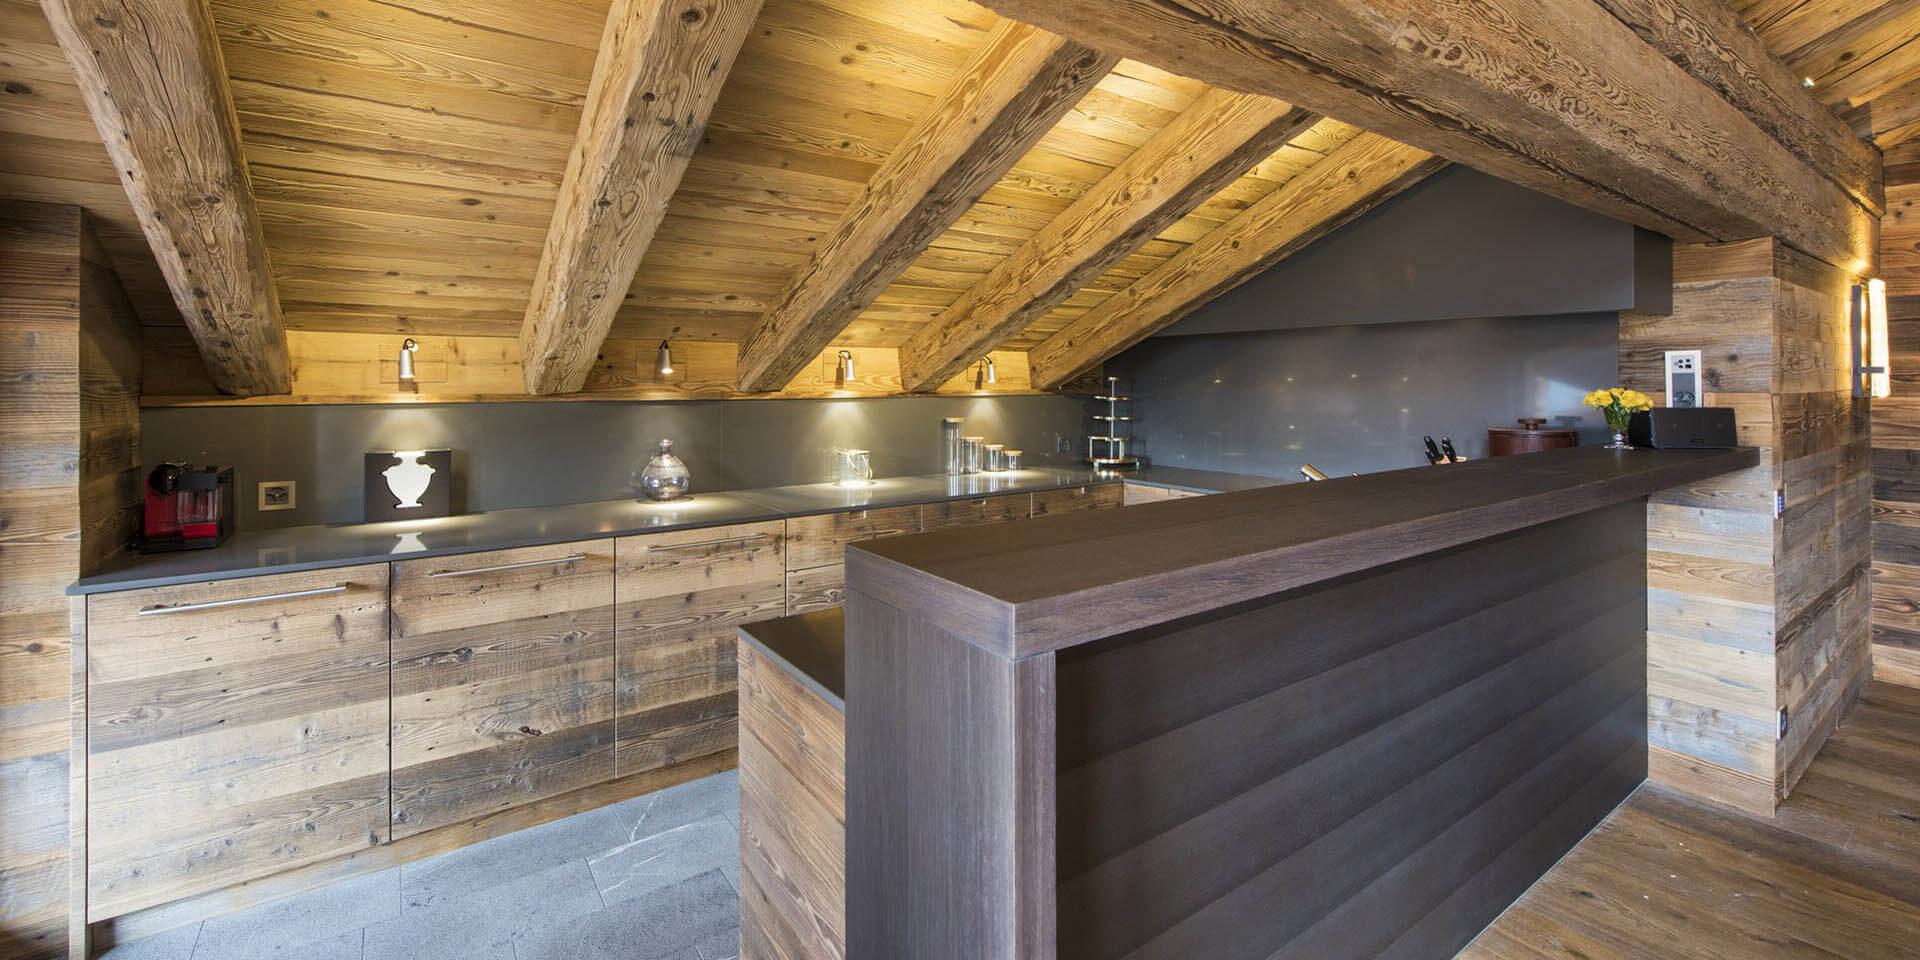 Appartement Place Blanche 2 Verbier Les 4 Vallees Zwitserland wintersport skivakantie luxe keuken bar verlichting houten balken